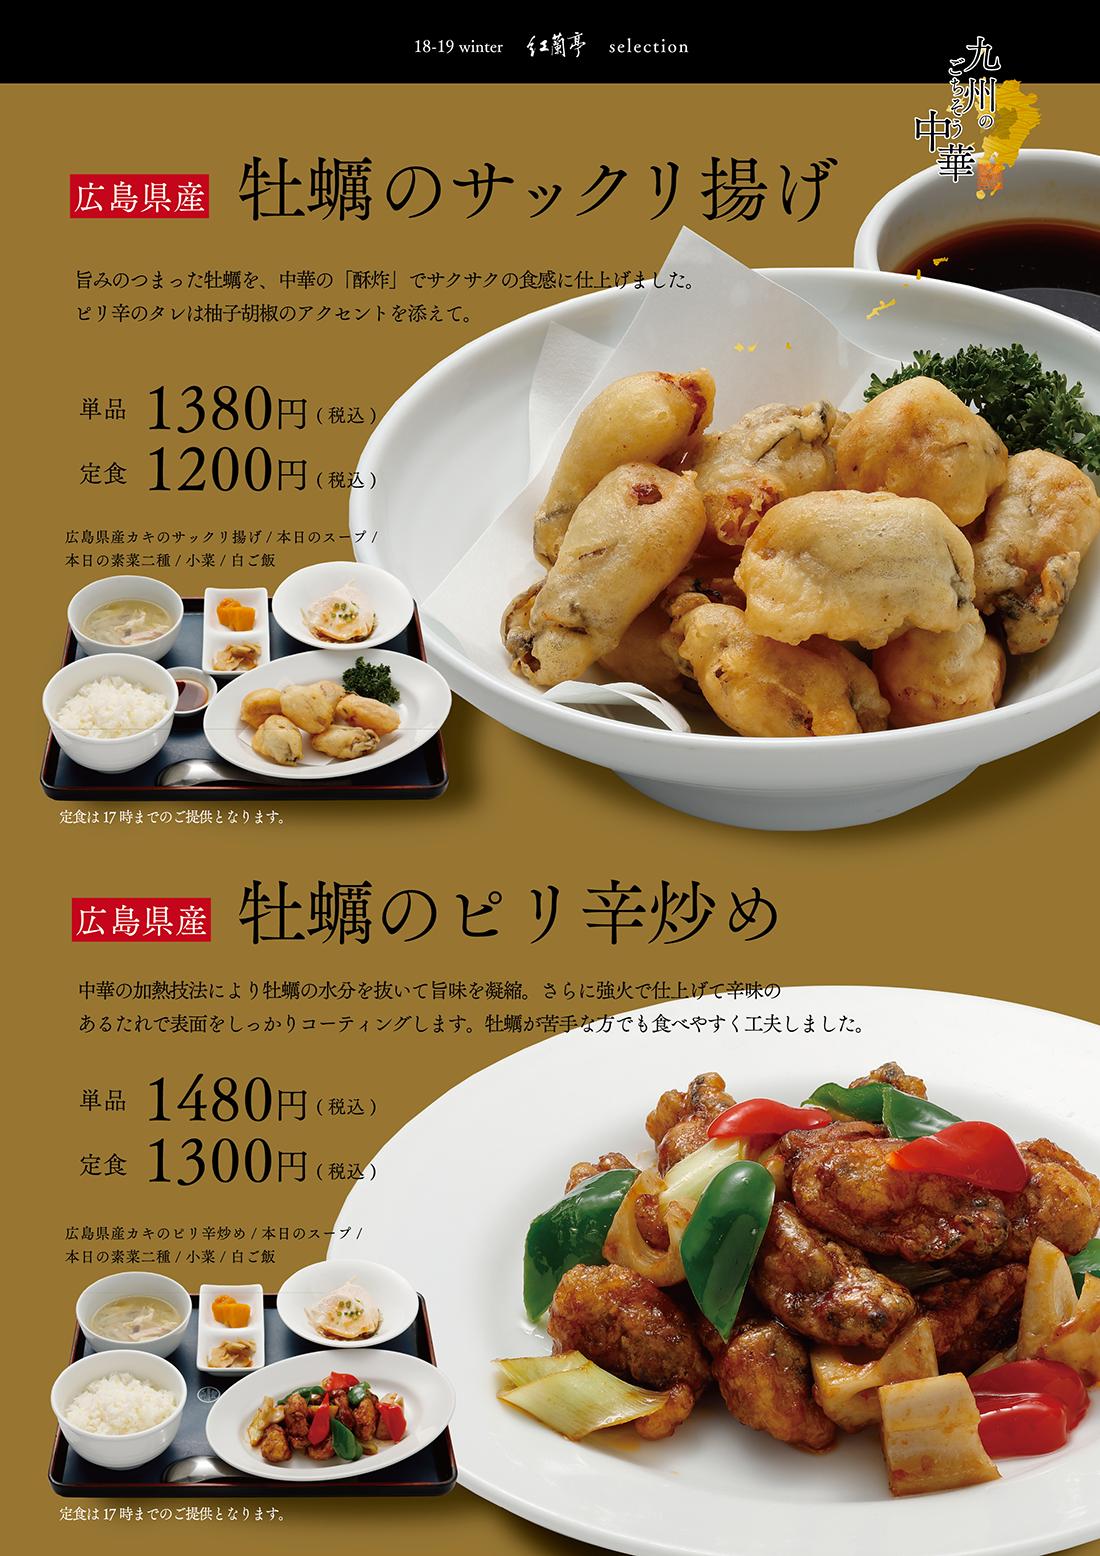 牡蠣のサックリ揚げ 牡蠣のピリ辛炒め